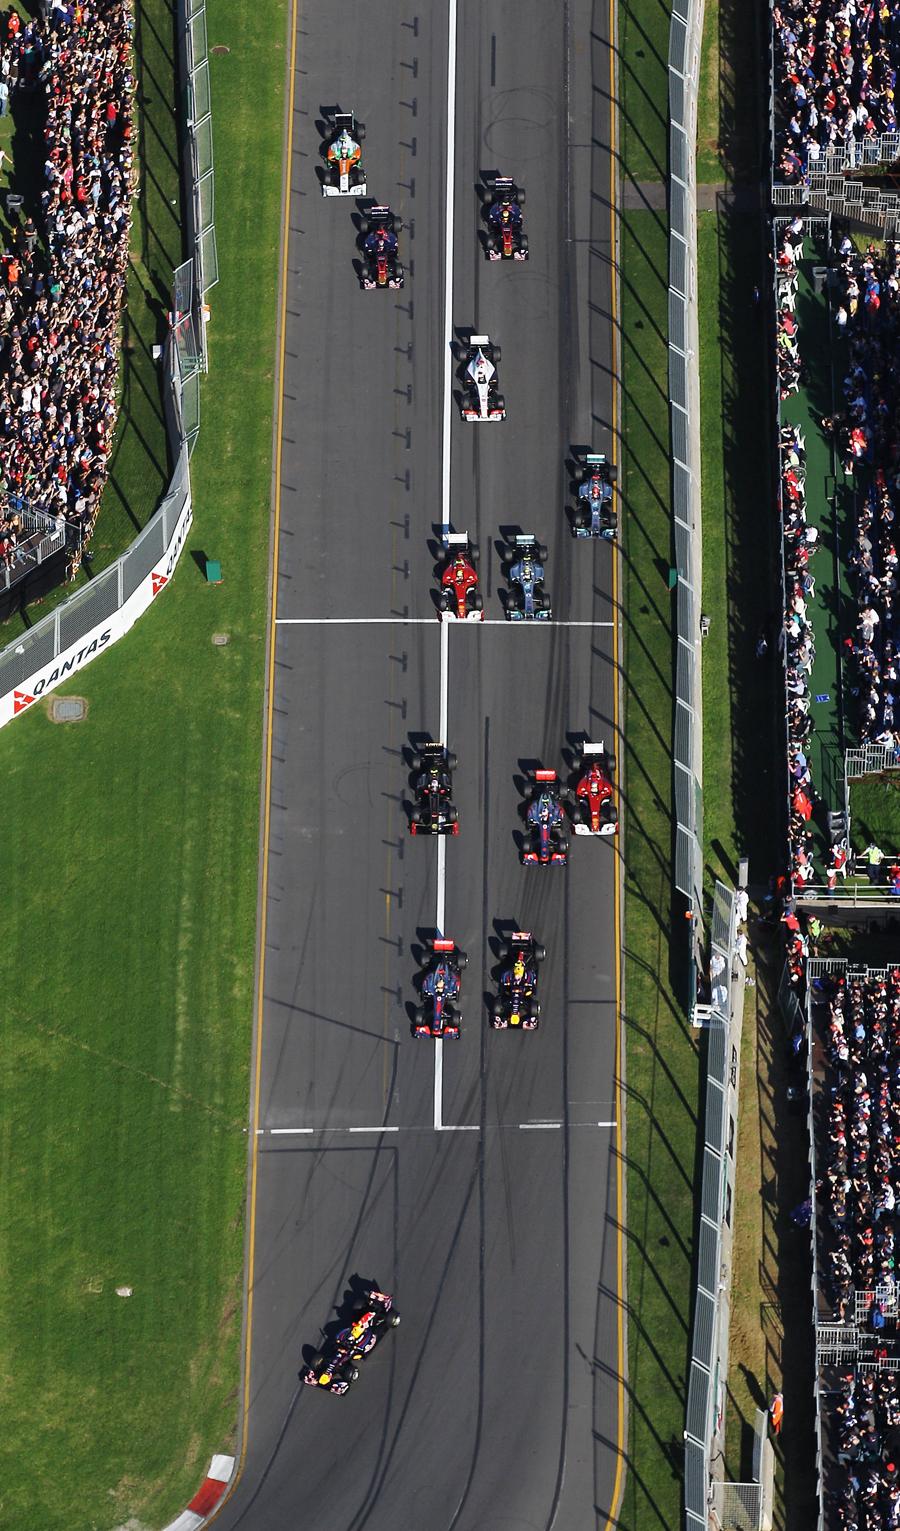 Sebastian Vettel leads the field as Fernando Alonso gets squeezed wide